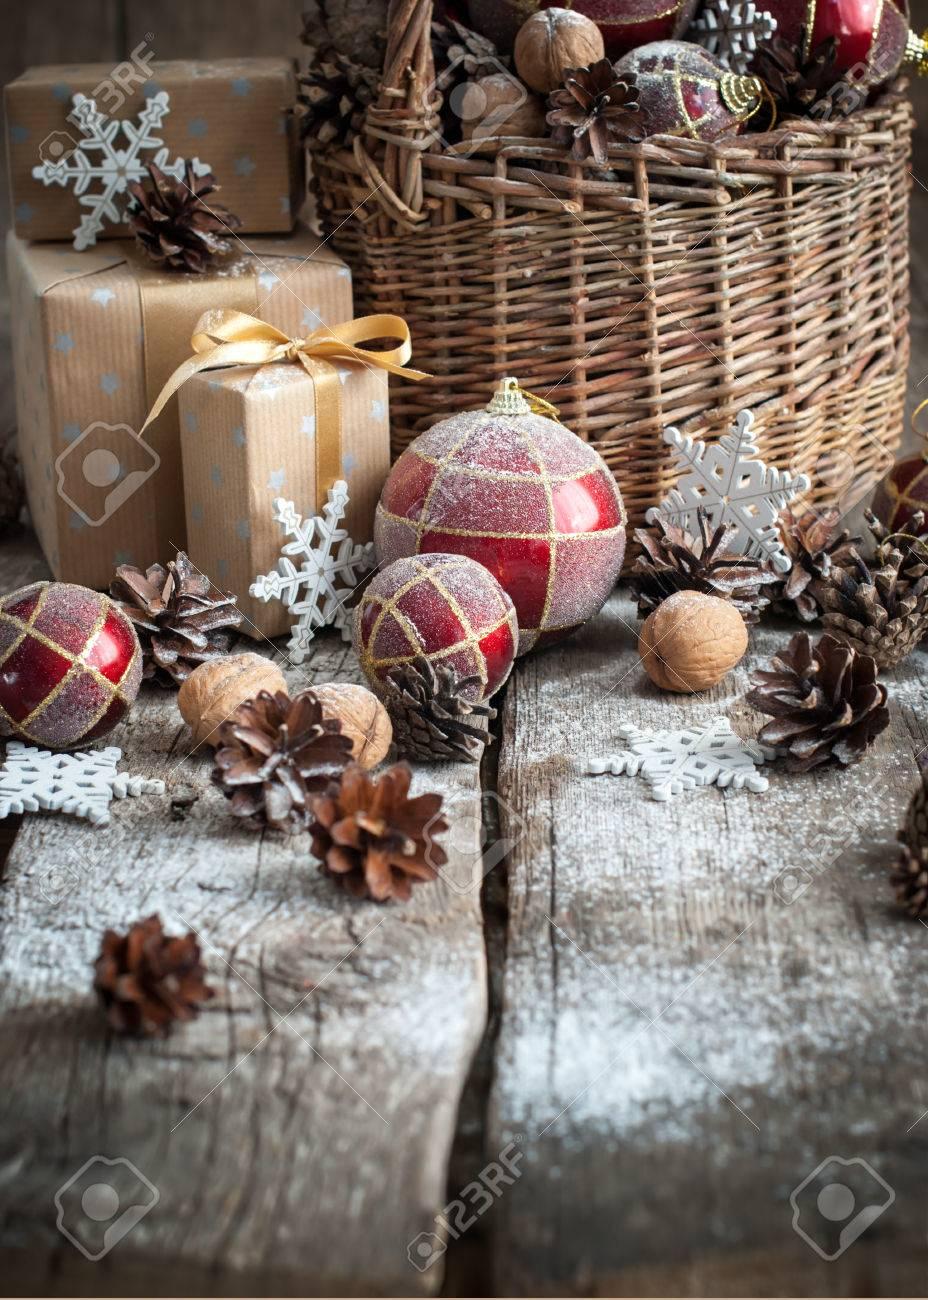 Weihnachtsgeschenke Mit Korb, Rote Kugeln, Tannenzapfen, Kästen ...